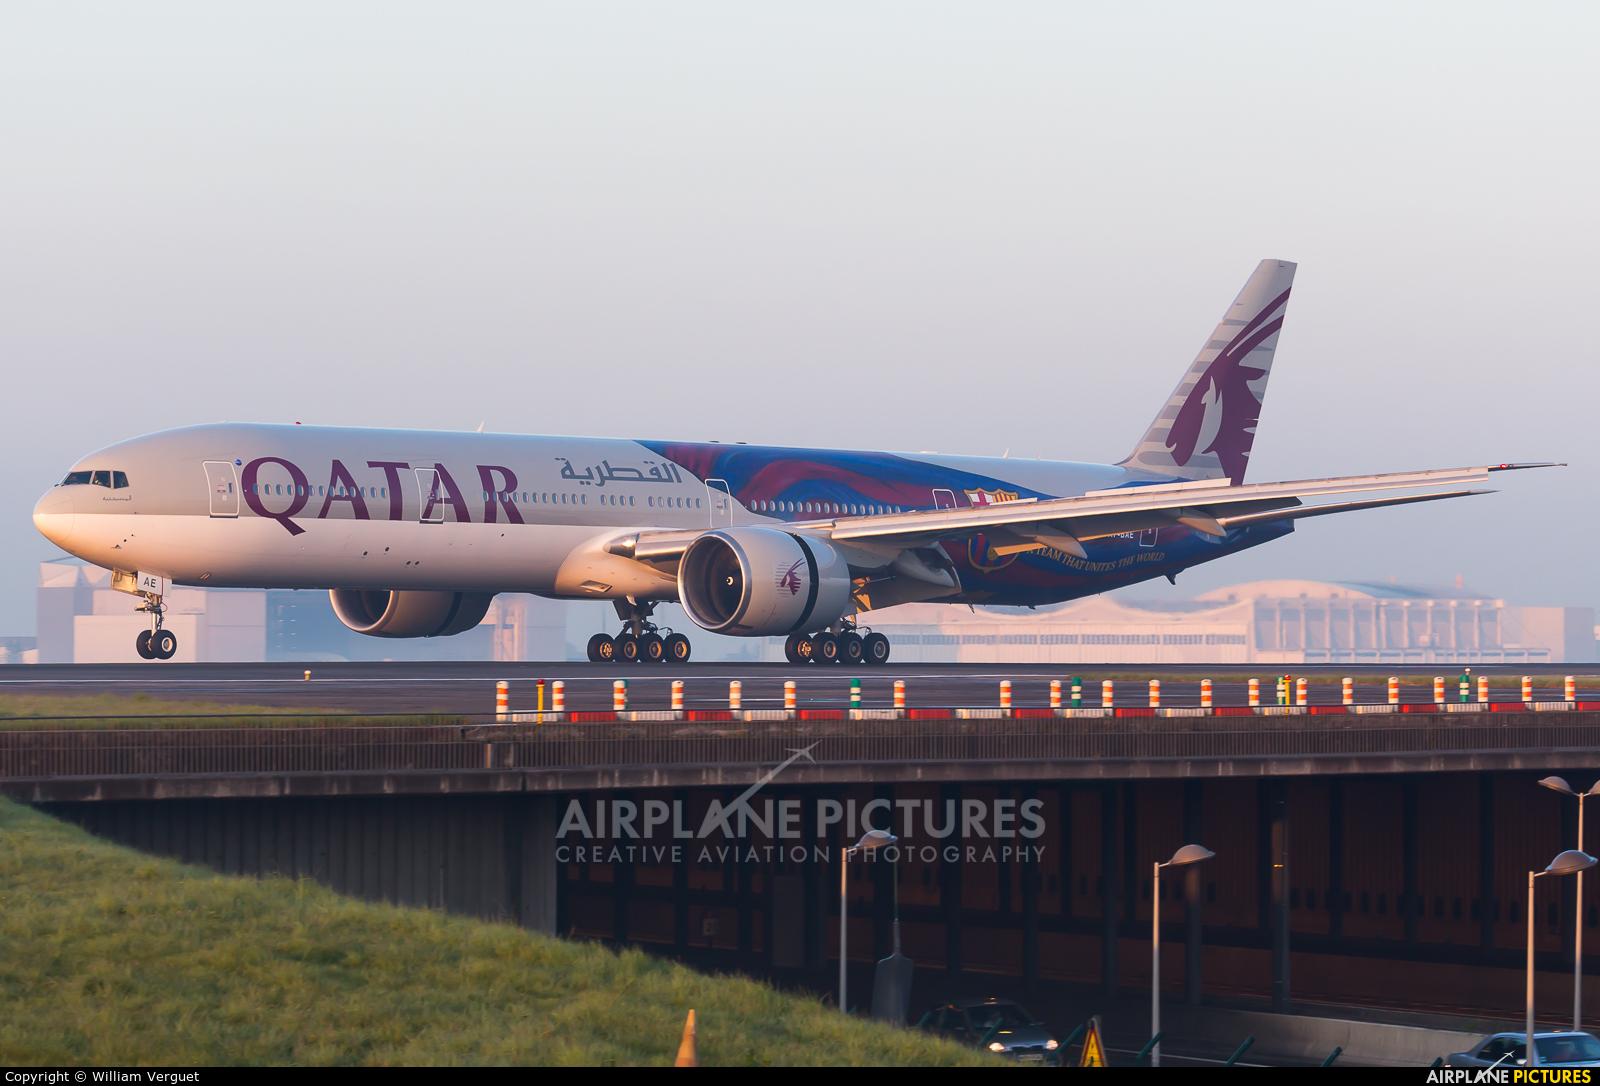 Qatar Airways A7-BAE aircraft at Paris - Charles de Gaulle